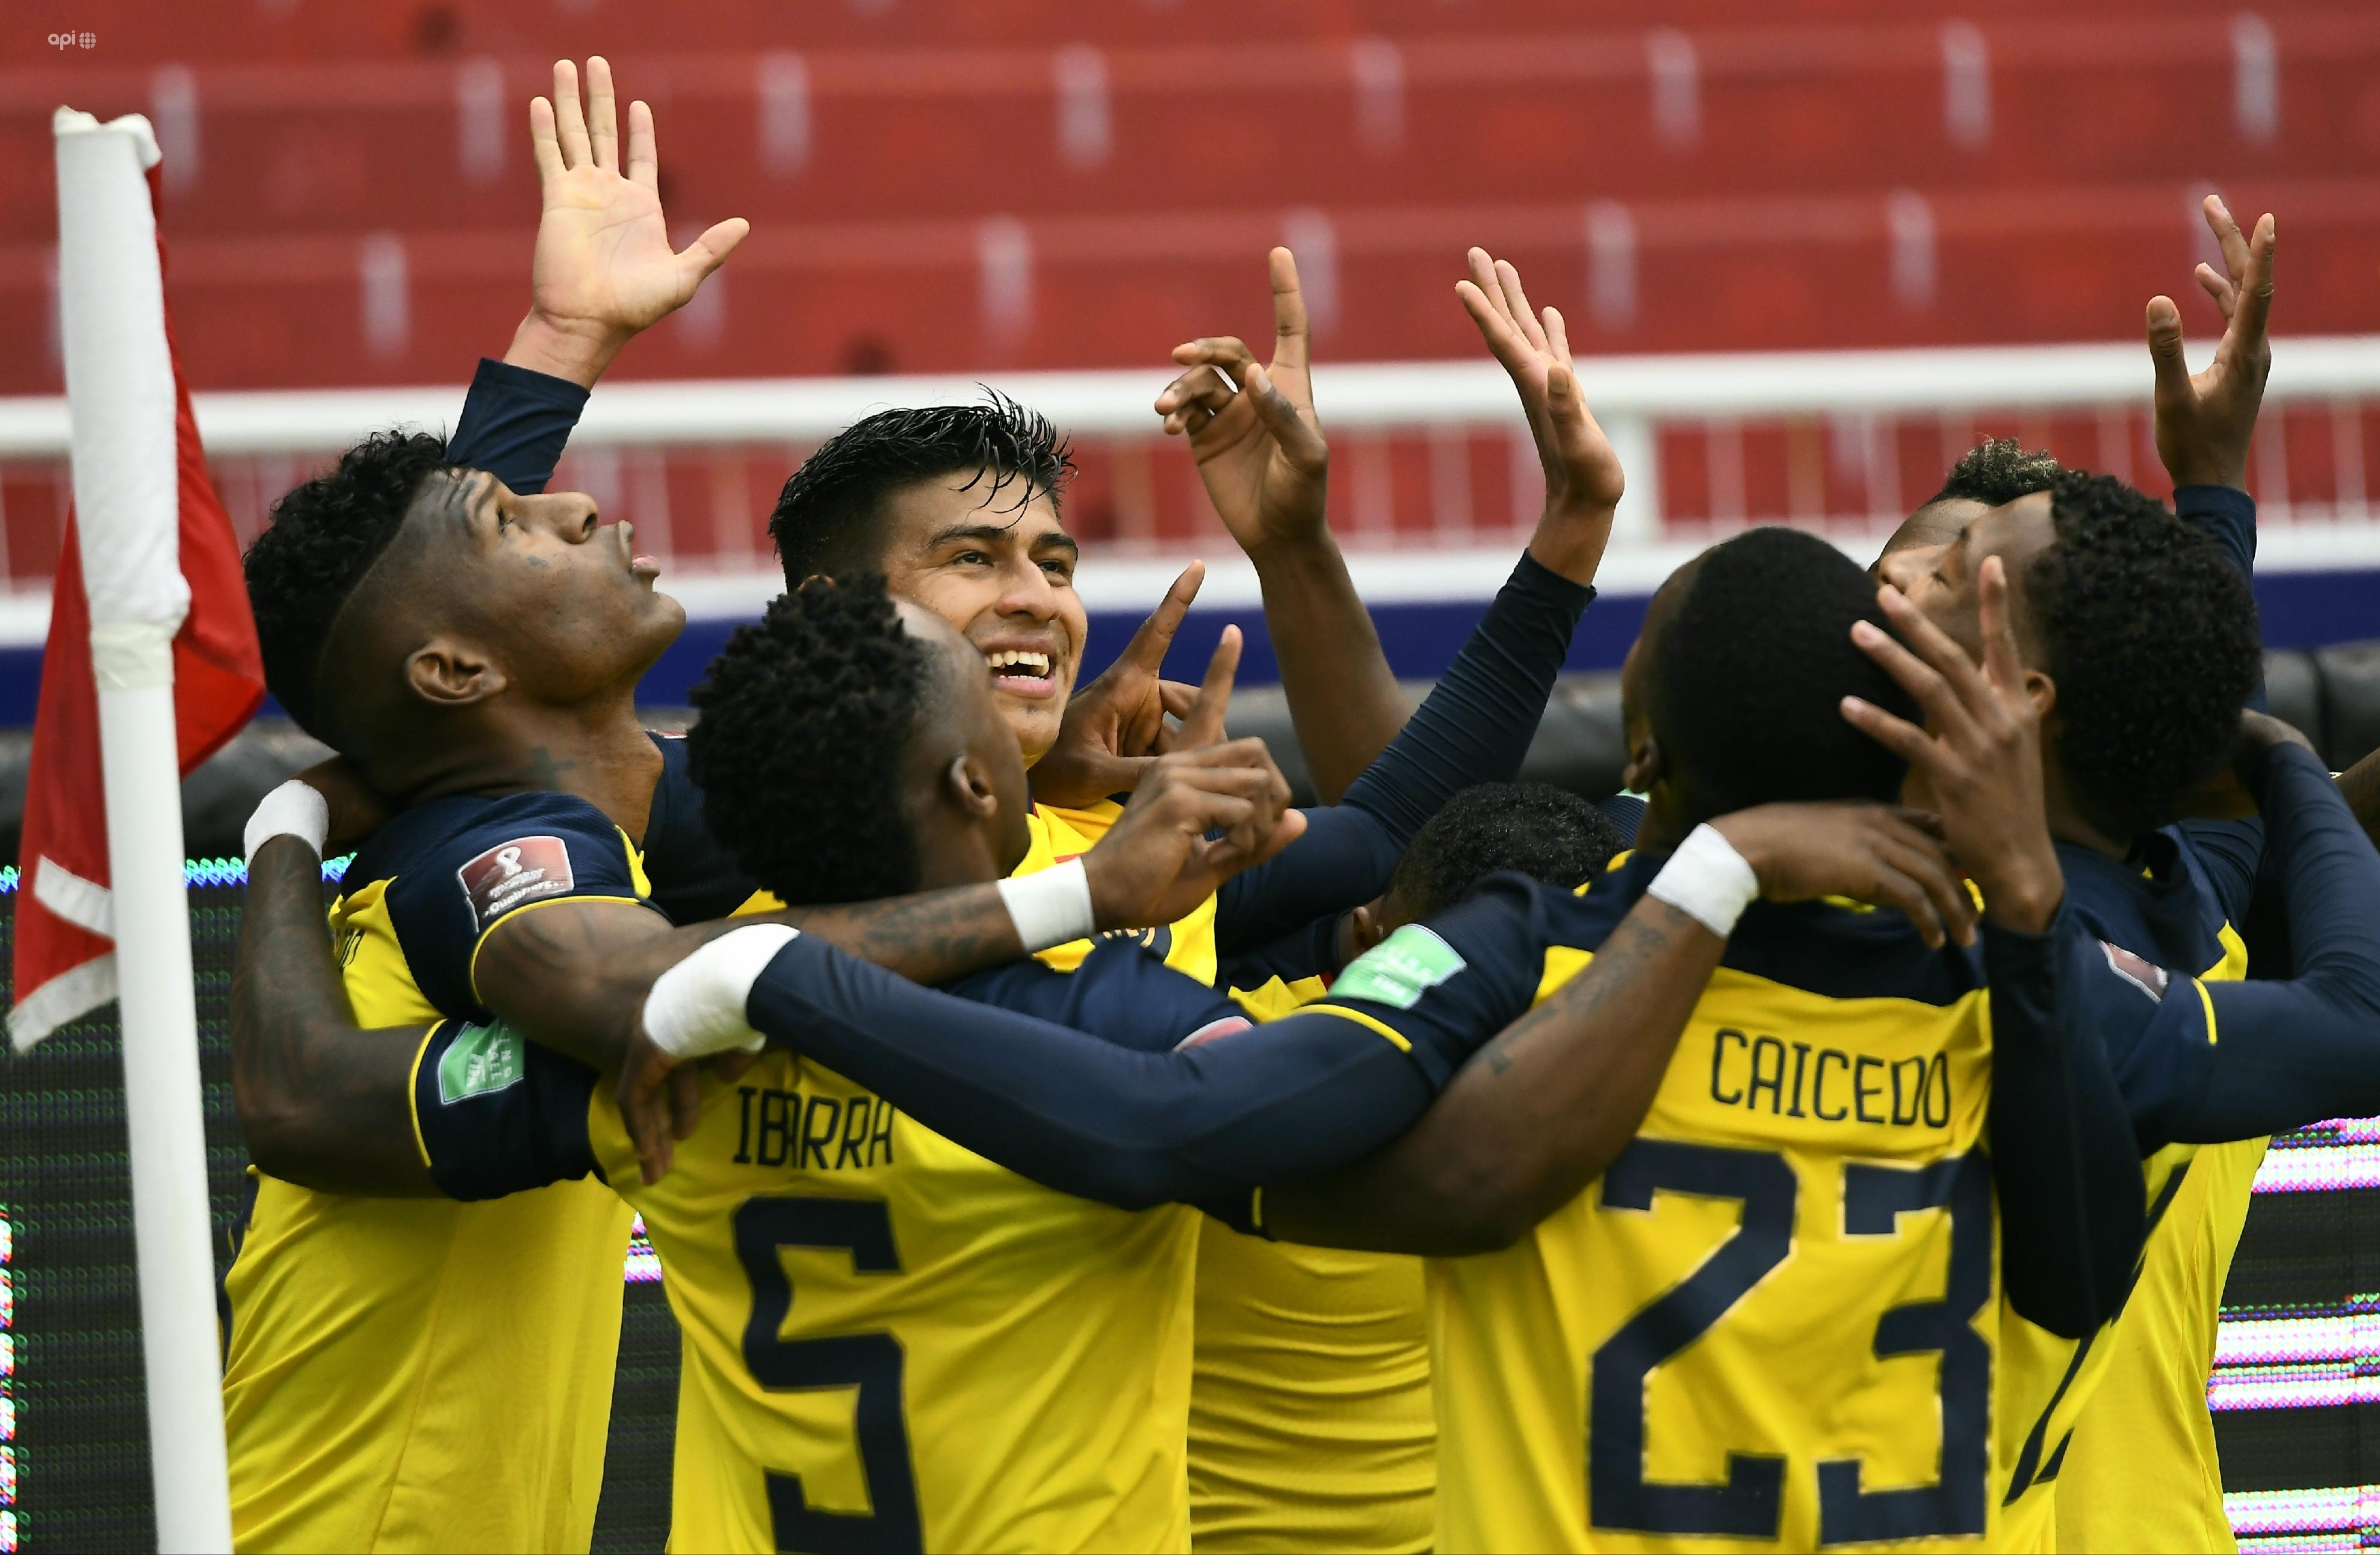 La Tri golea a Colombia e ilusiona a todo un país. Mira la crónica aquí: